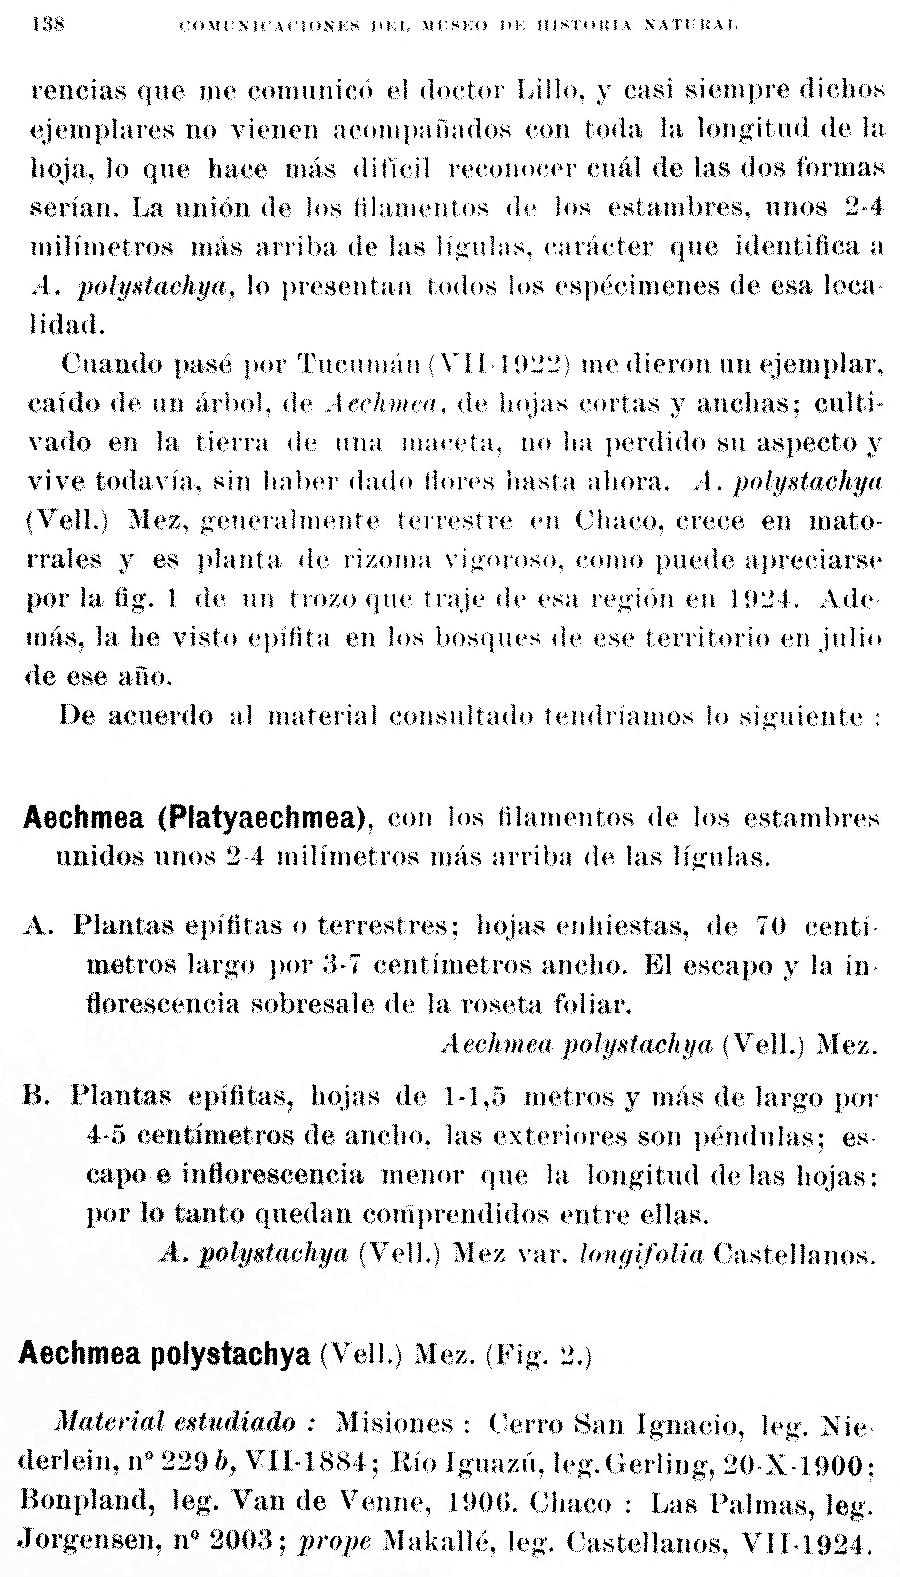 https://forum.plantarium.ru/misc.php?action=pun_attachment&item=29870